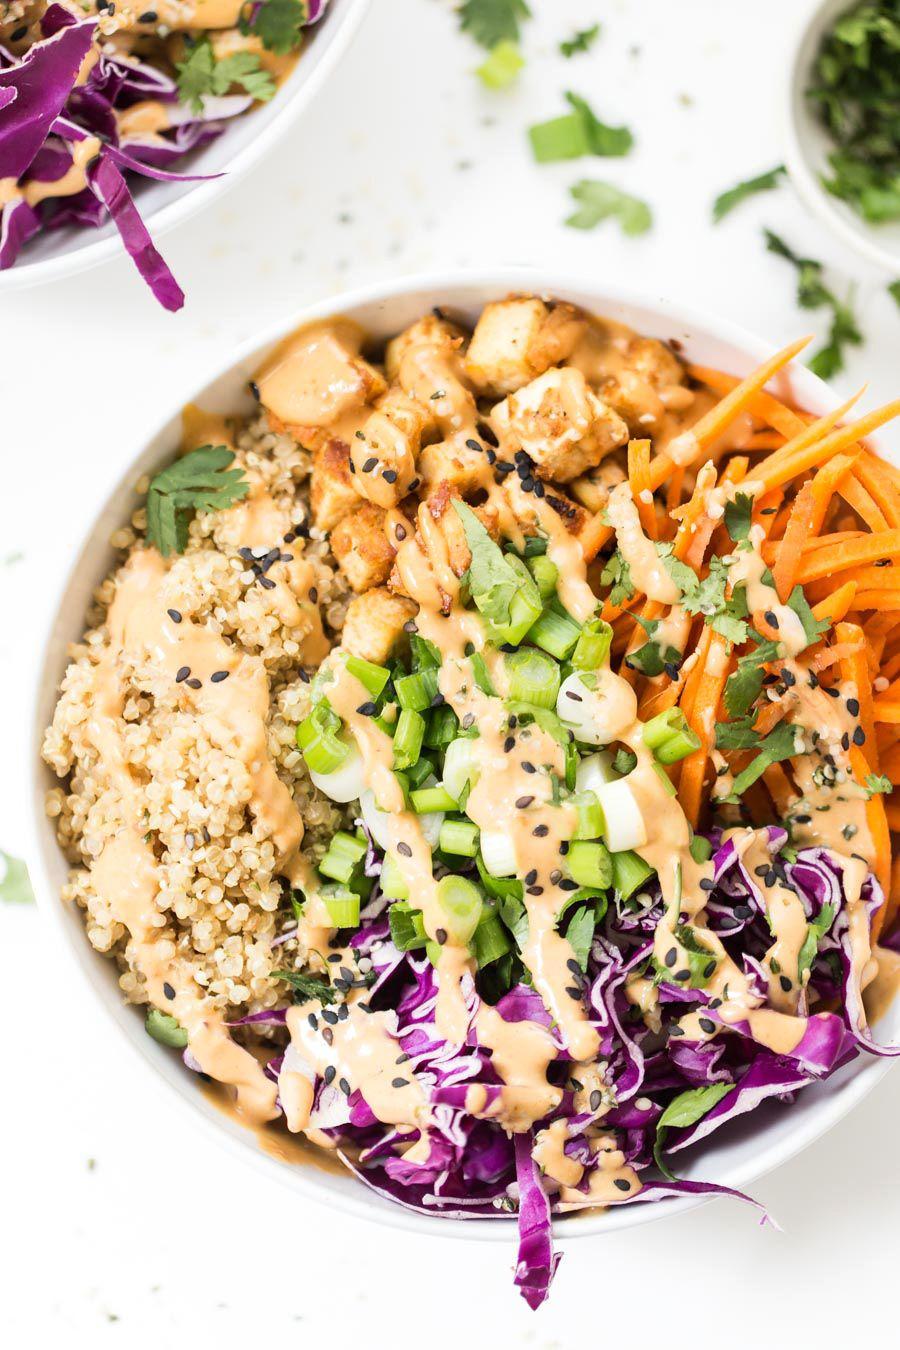 Asian Quinoa Bowls With Peanut Baked Tofu Simply Quinoa Recipe Asian Quinoa Simply Quinoa Healthy Recipes